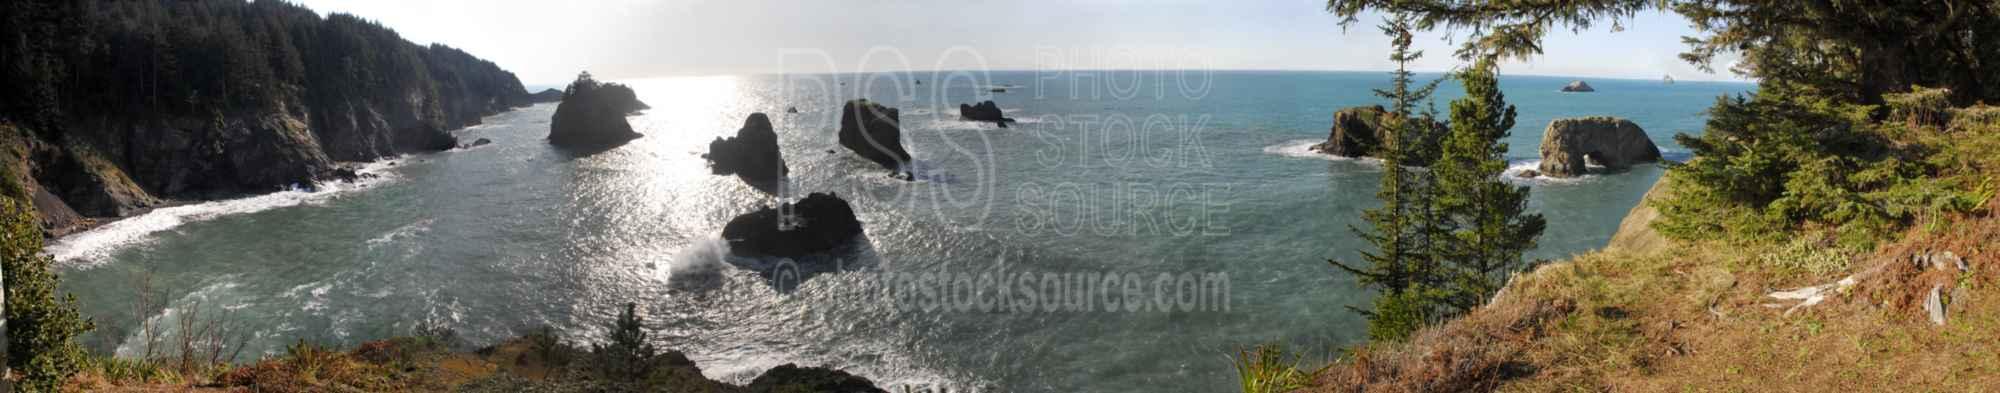 Boardman St. Park Cove